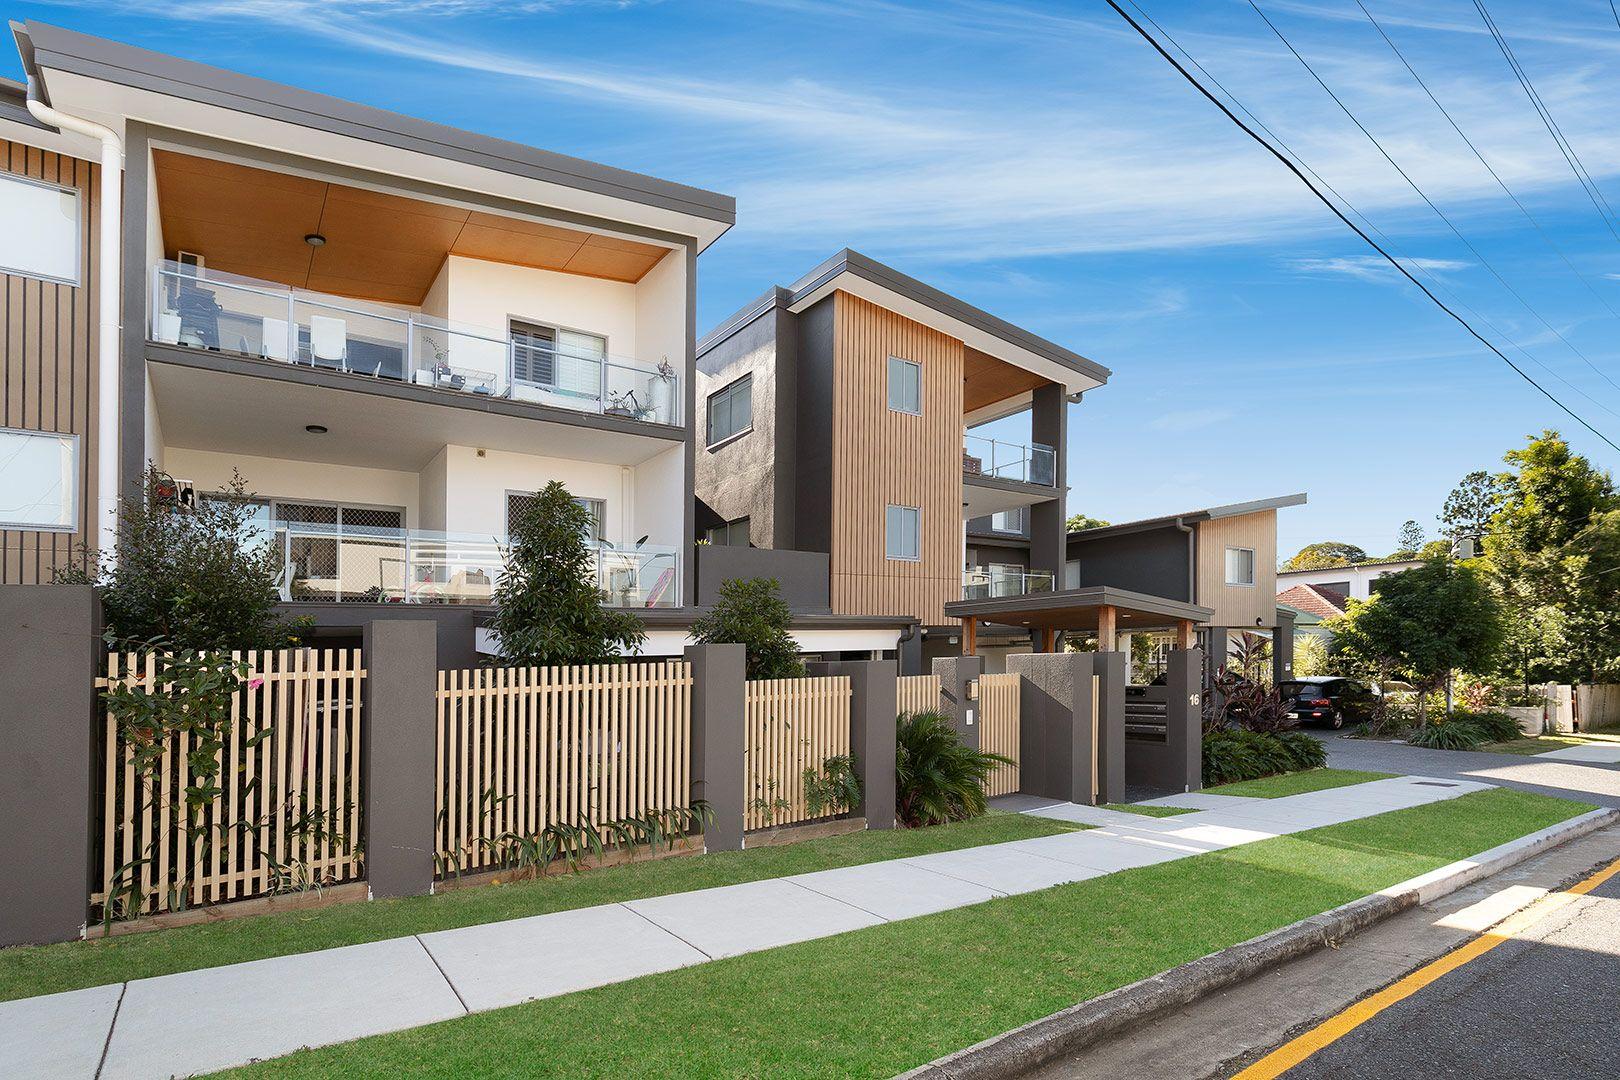 9/16 Selborne Street, Mount Gravatt East QLD 4122, Image 0